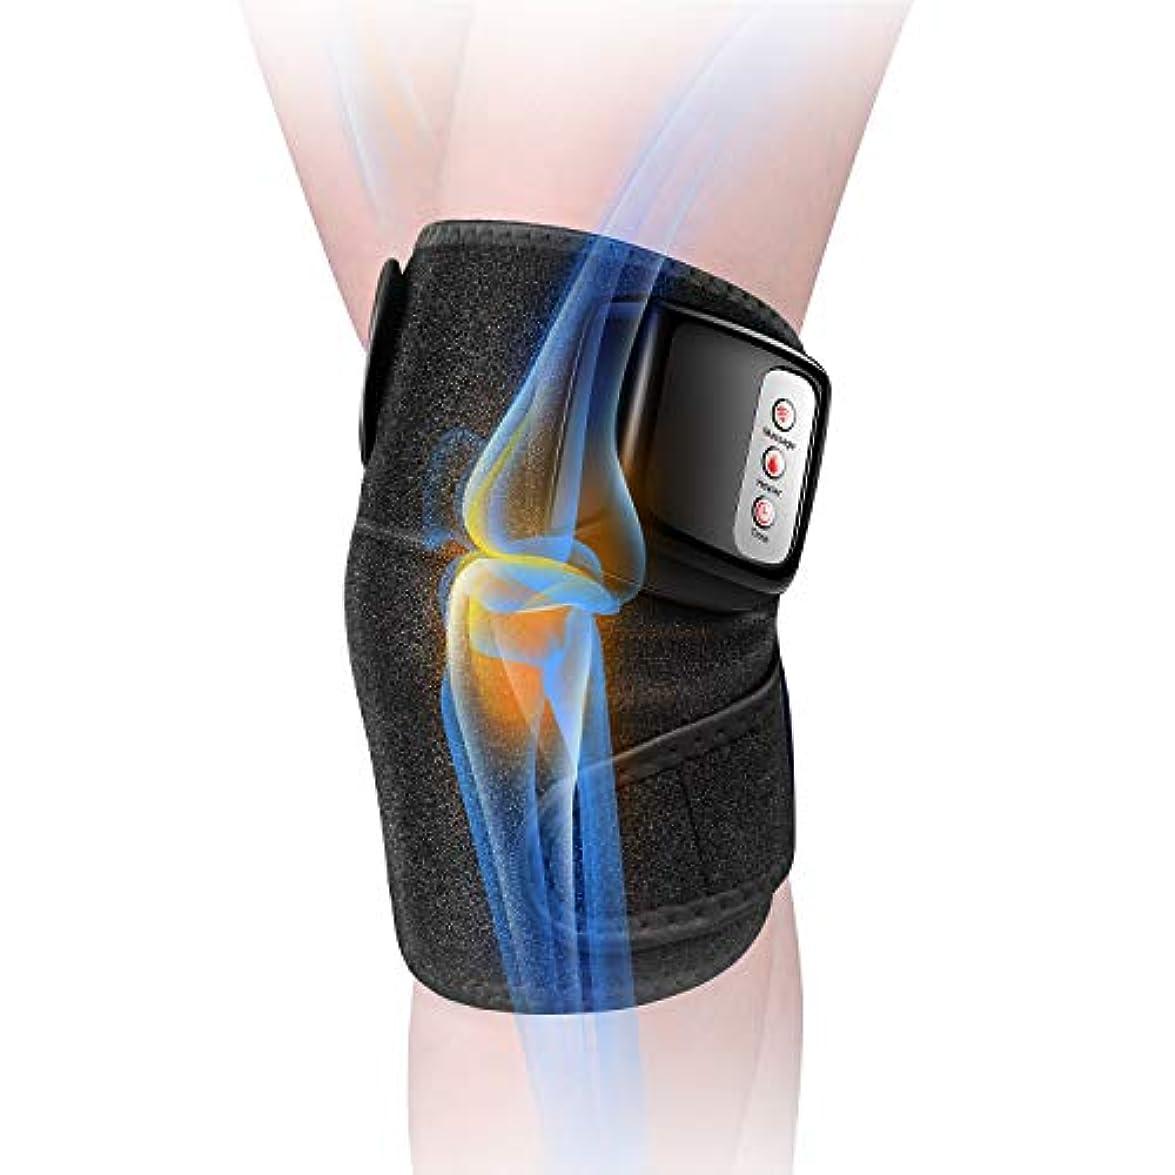 怠感近似捨てる膝マッサージャー 関節マッサージャー マッサージ器 フットマッサージャー 振動 赤外線療法 温熱療法 膝サポーター ストレス解消 肩 太もも/腕対応